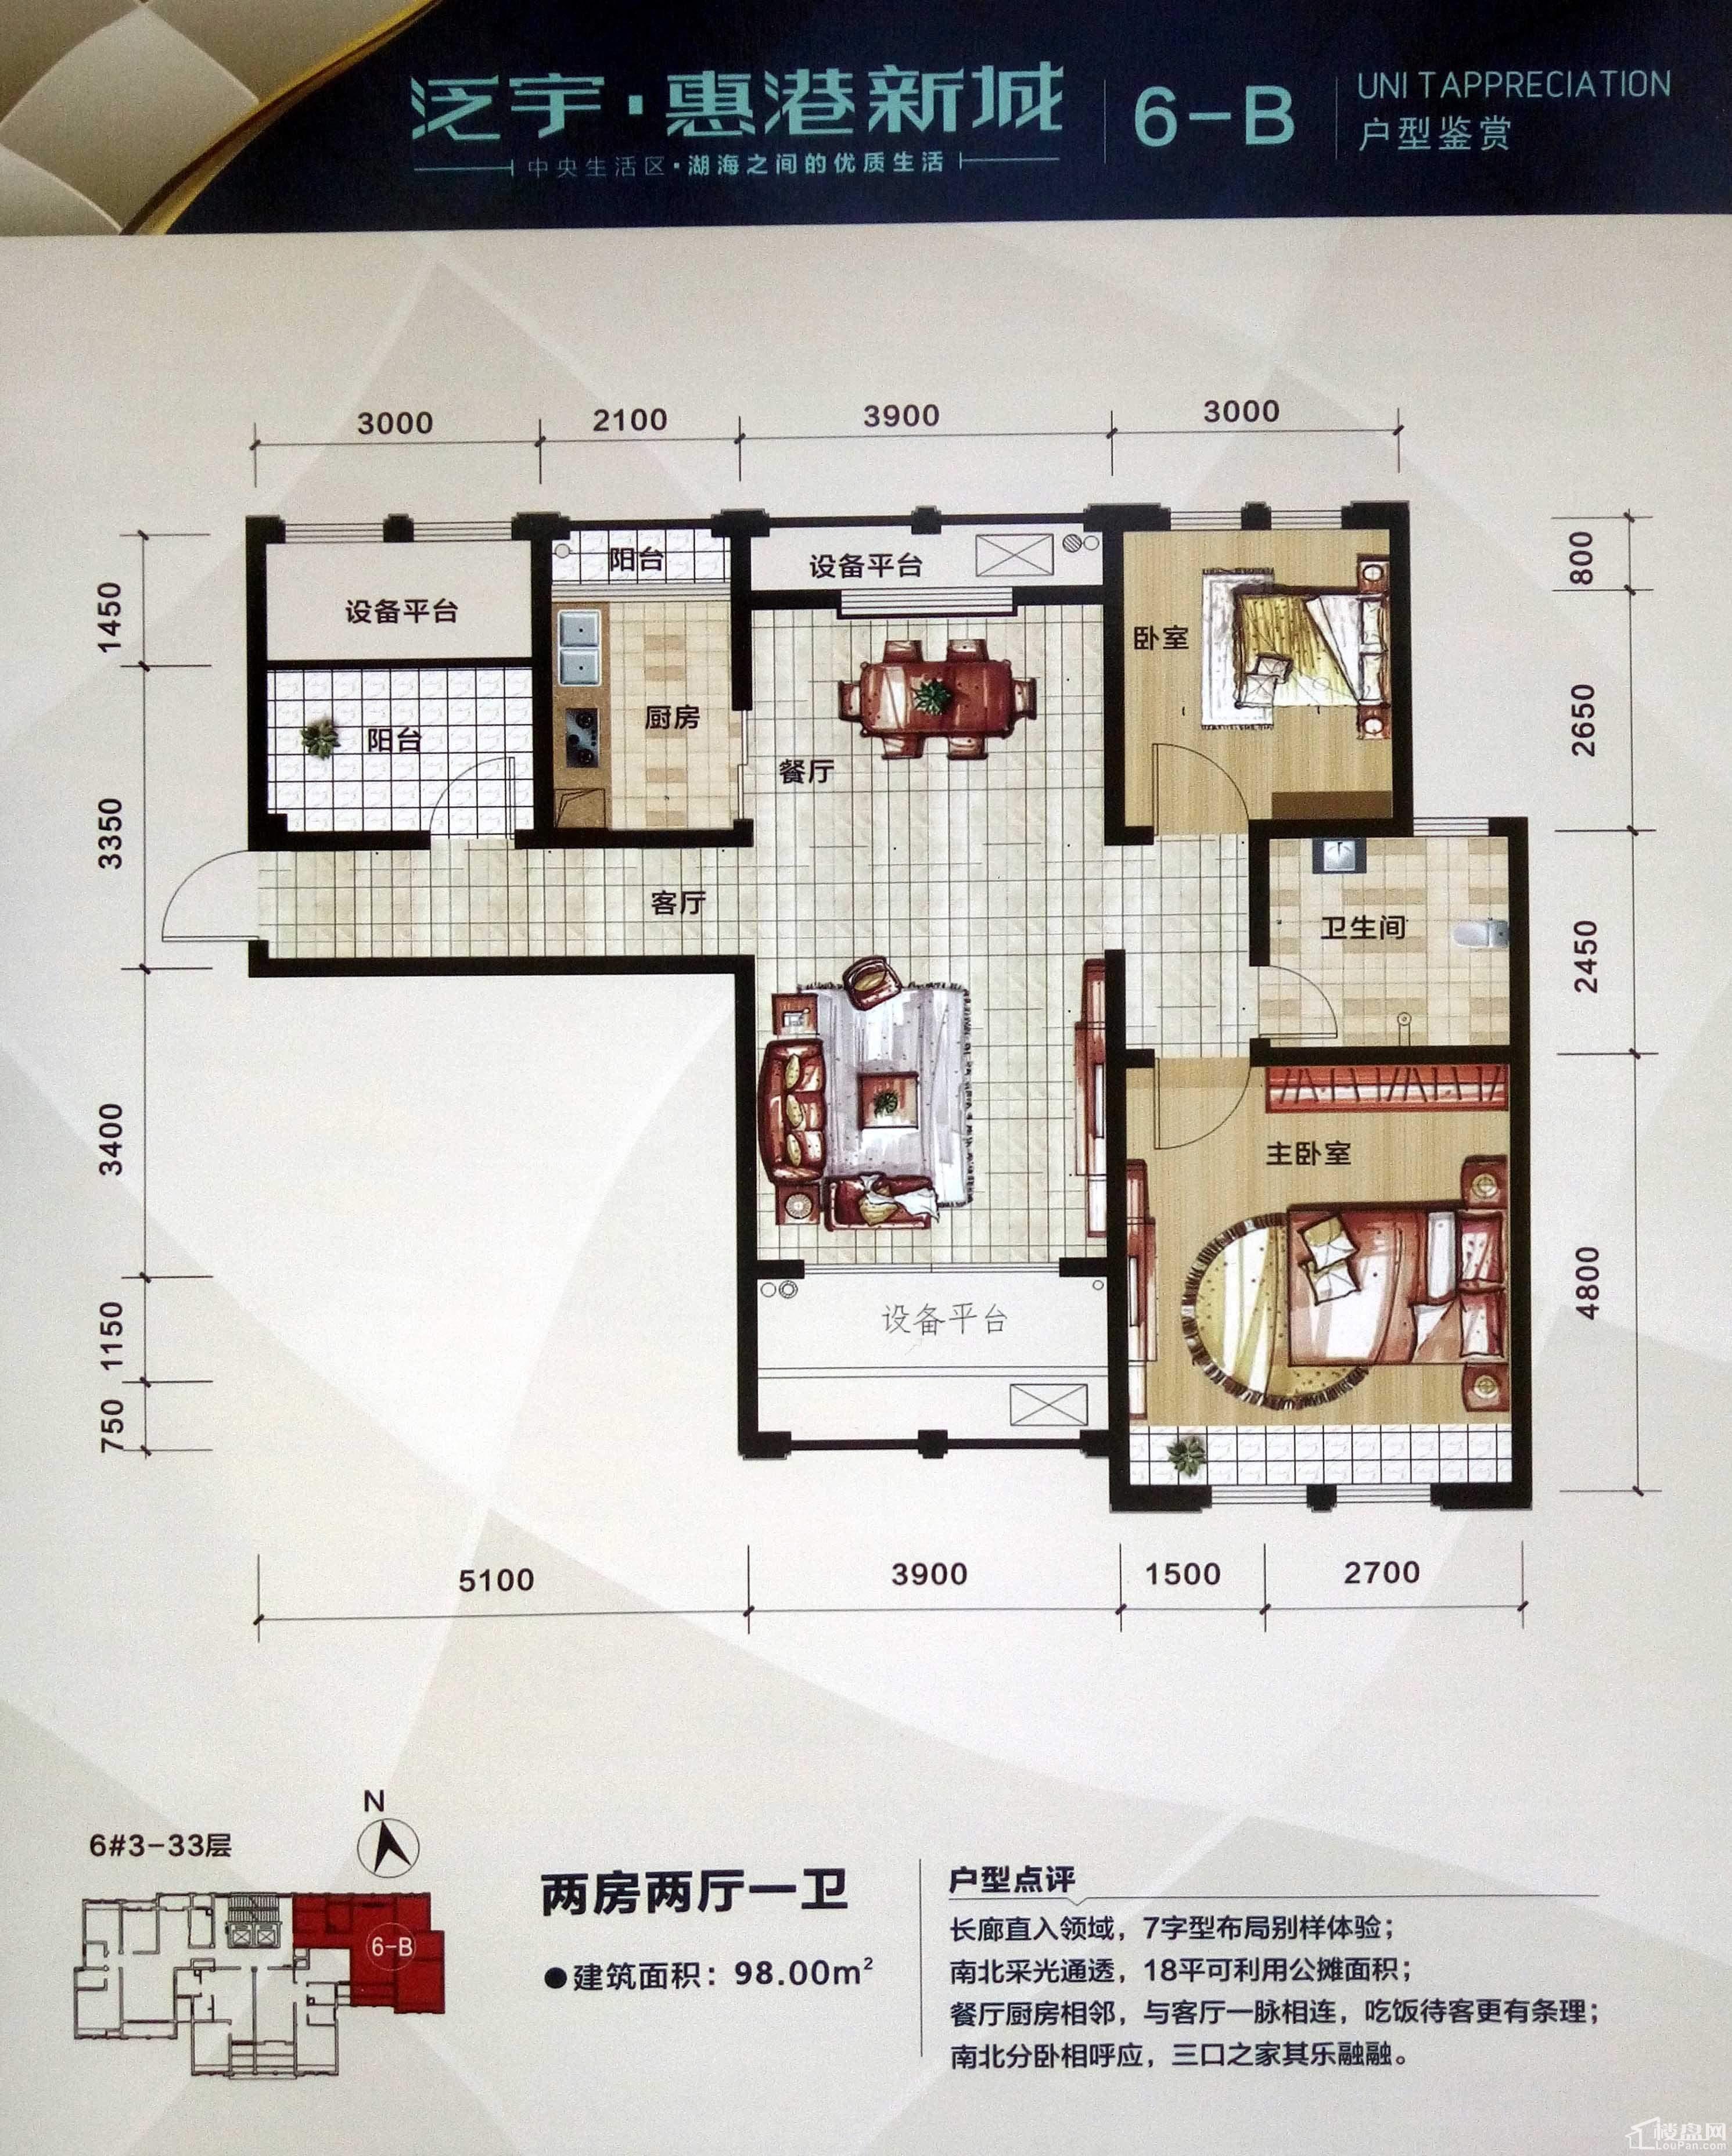 泛宇·惠港新城6-B户型.